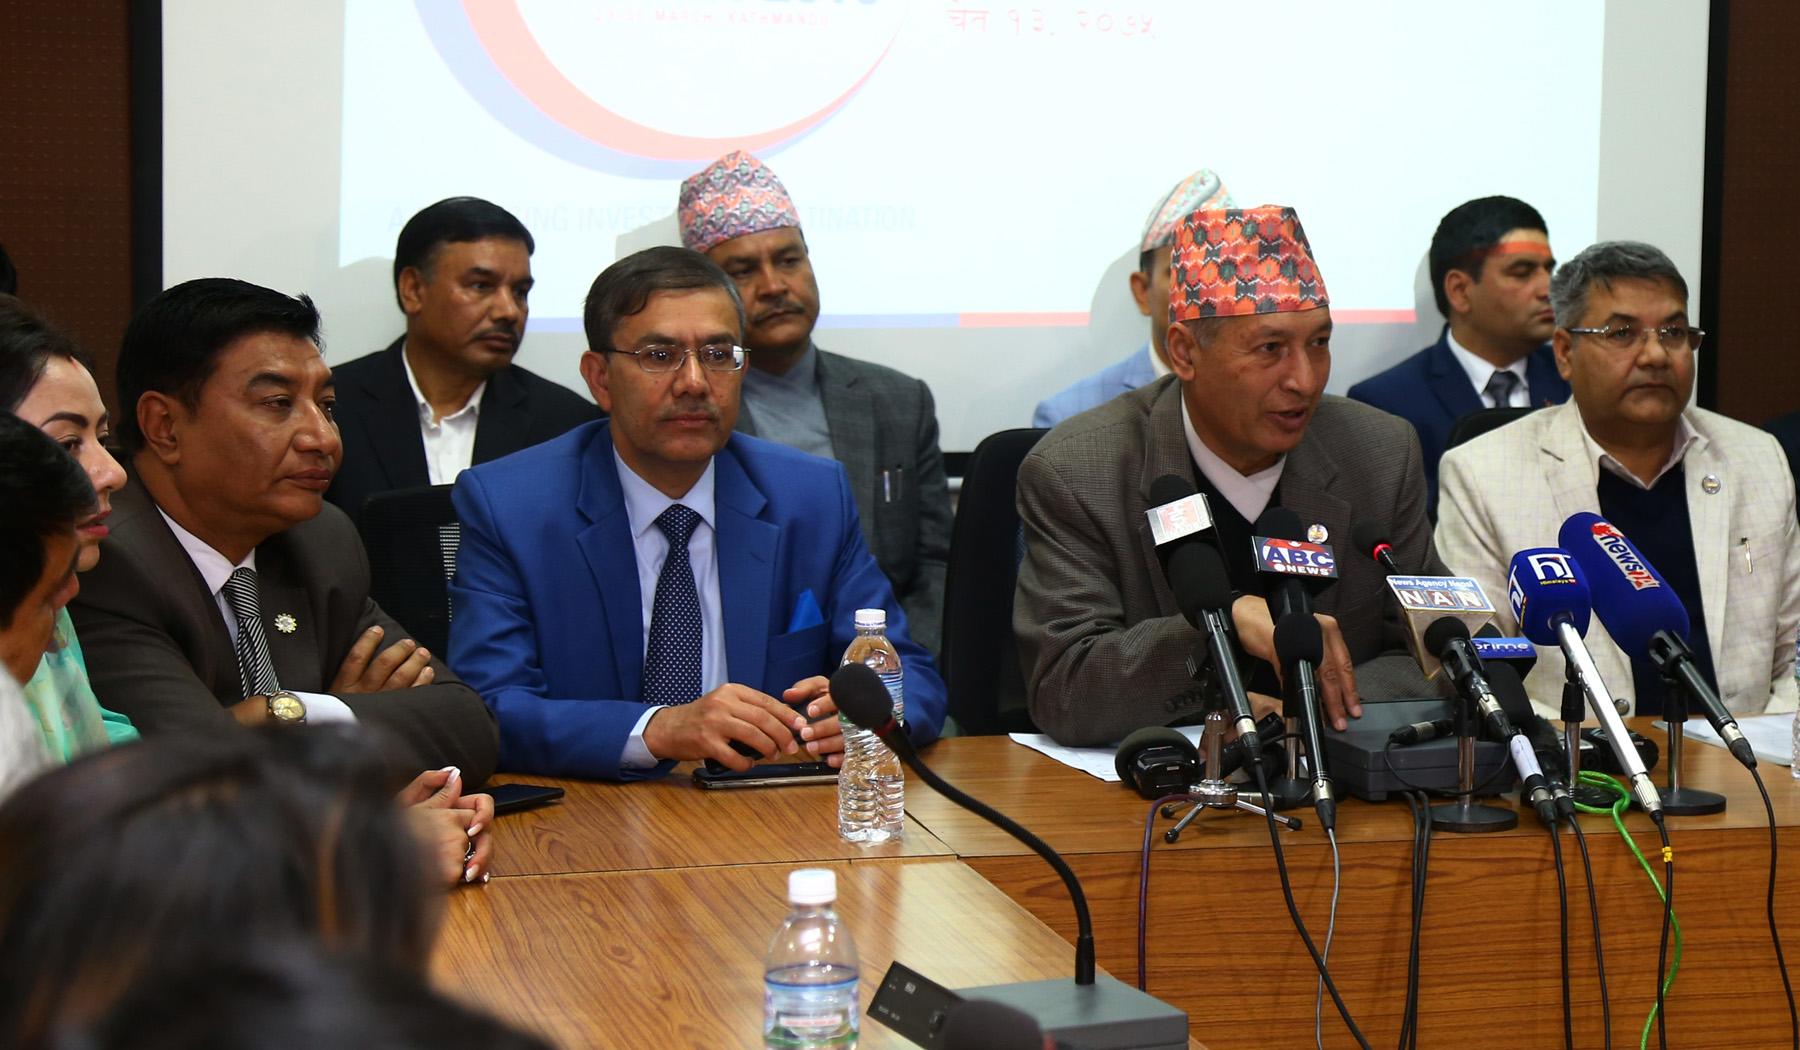 नेपाल लगानीका लागि उपयुक्त थलो : अर्थमन्त्री